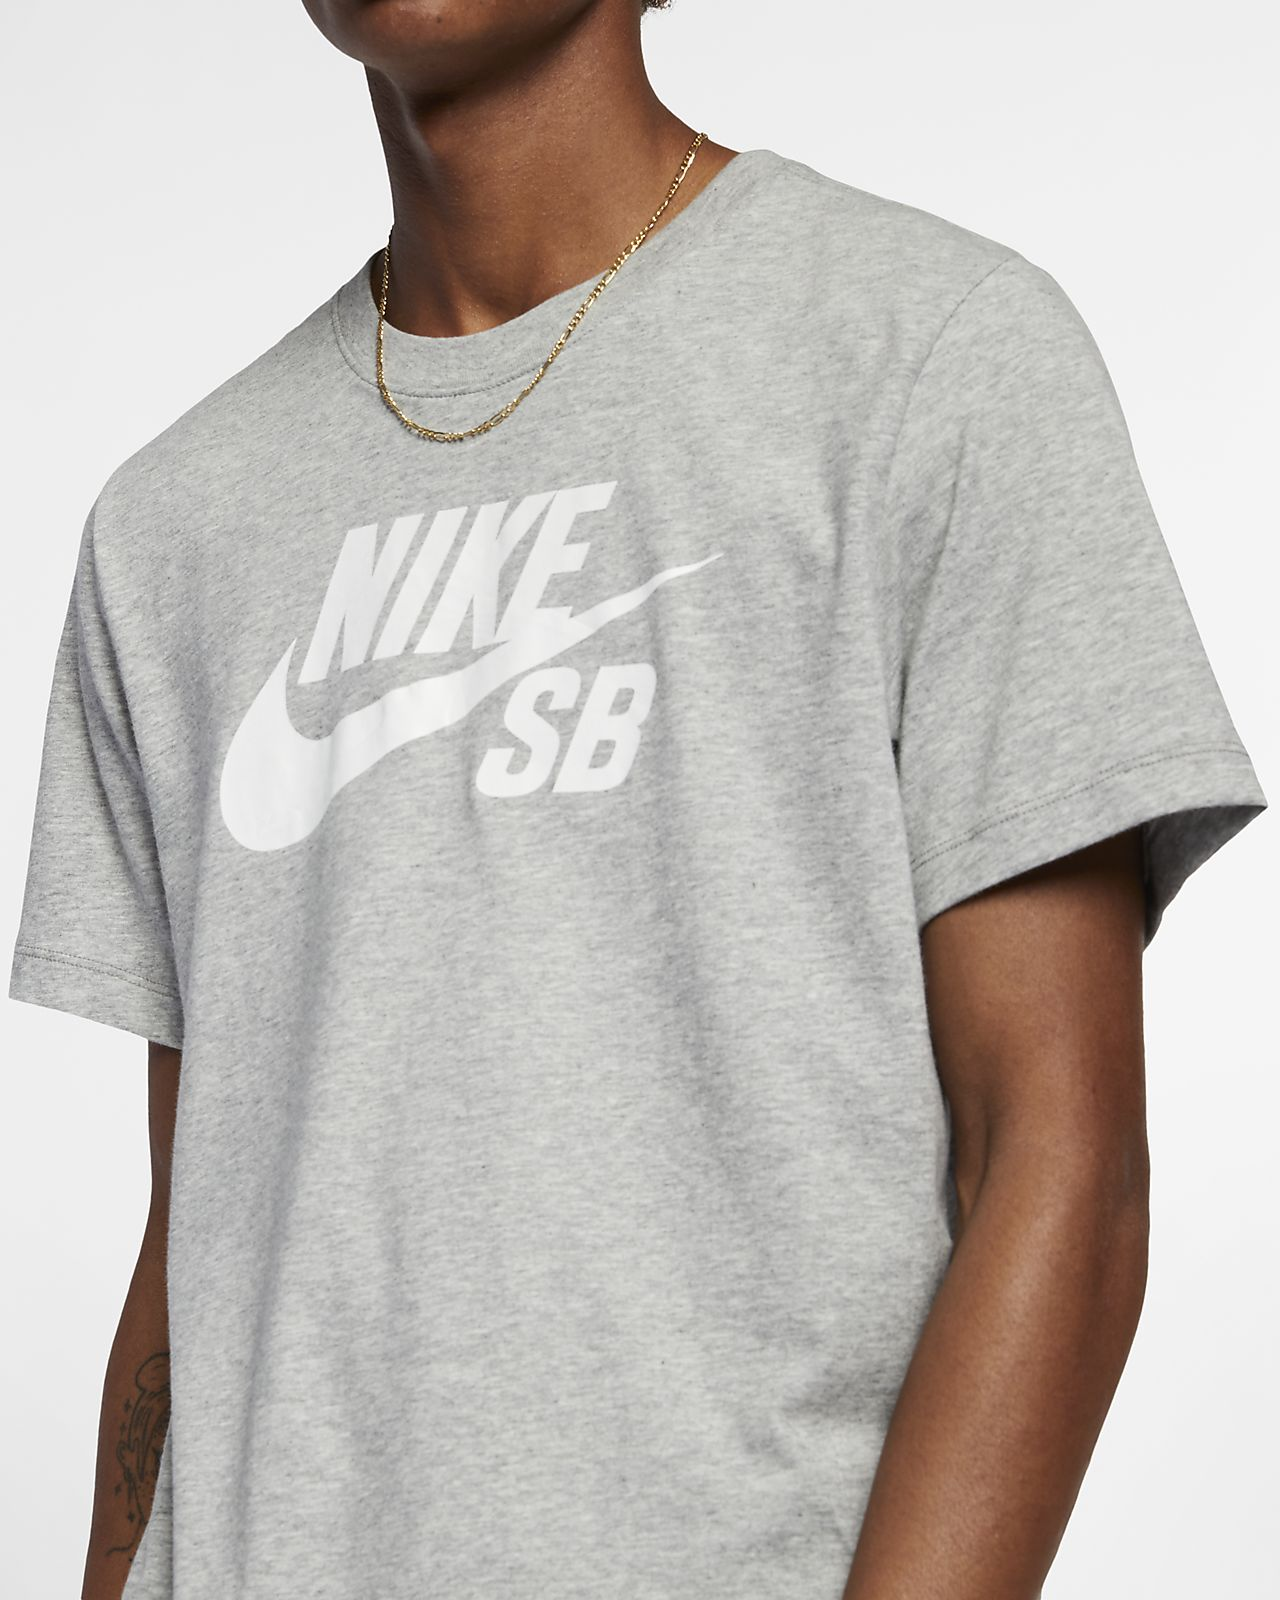 76c24e60 Nike SB Dri-FIT Skate T-Shirt. Nike.com